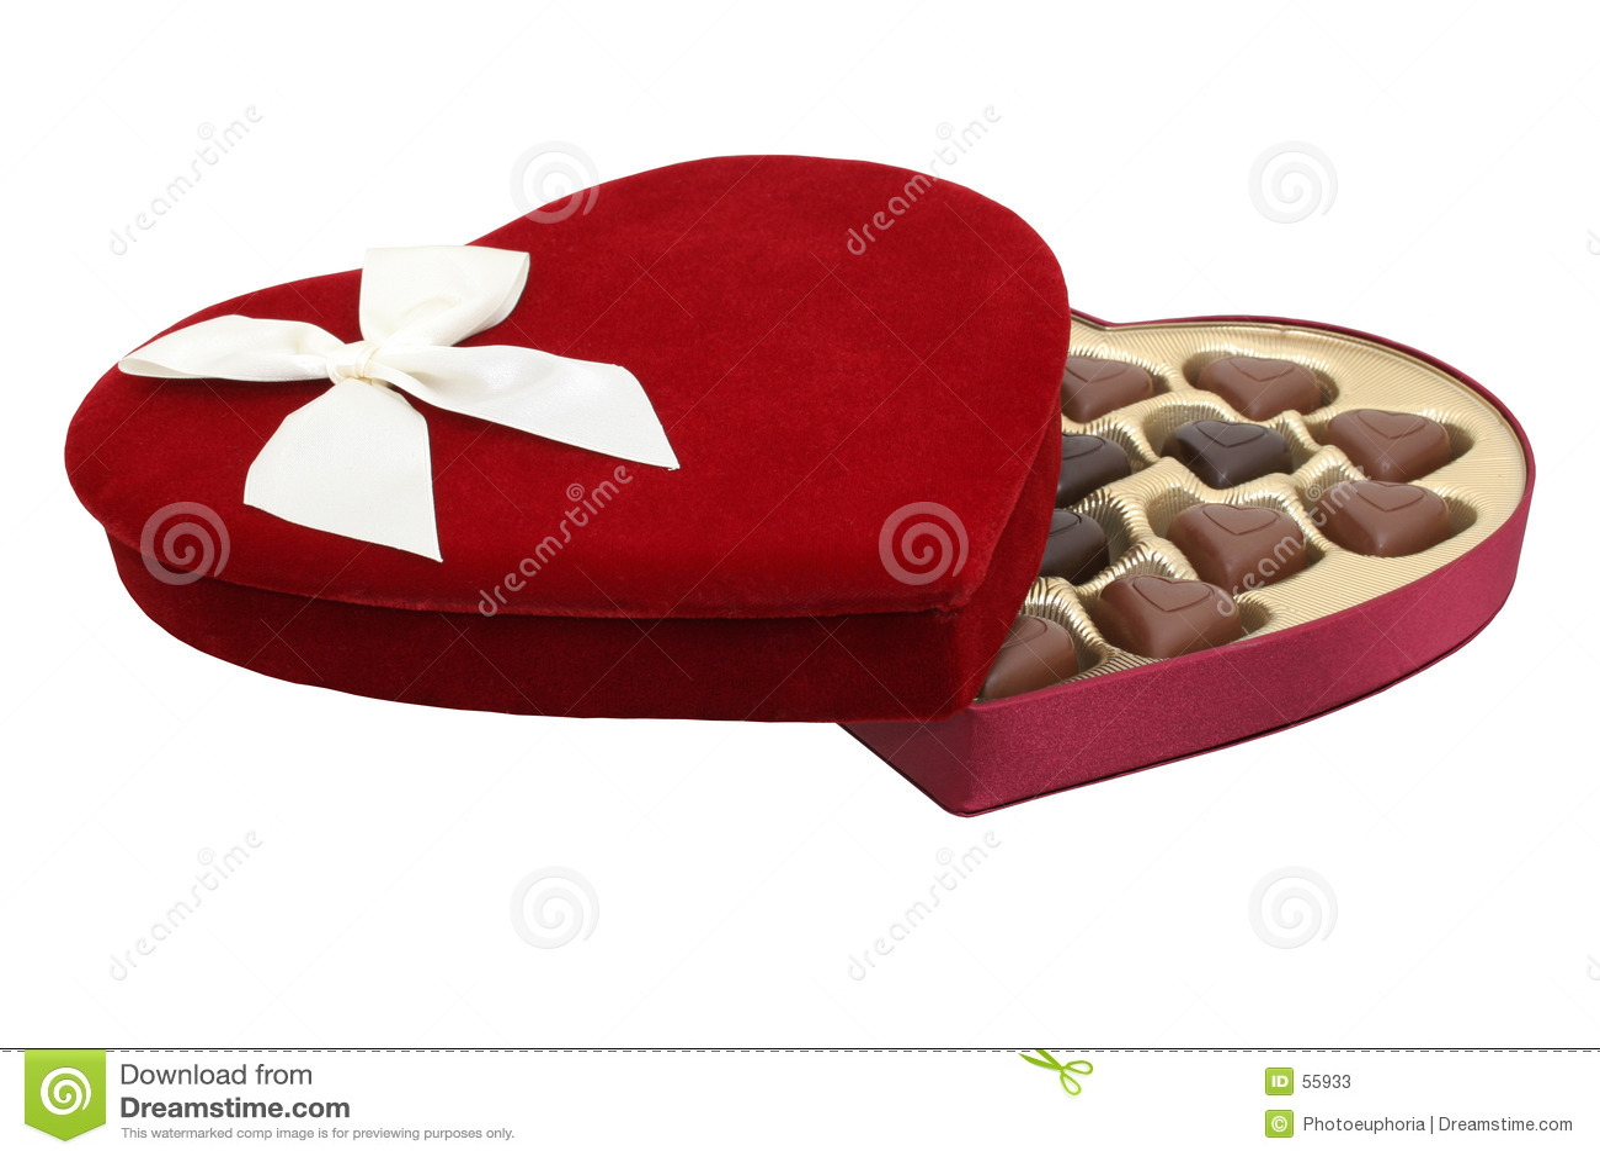 La casella di cuore ha modellato il cioccolato con il percorso di residuo della potatura meccanica (immagine 8.2mp)